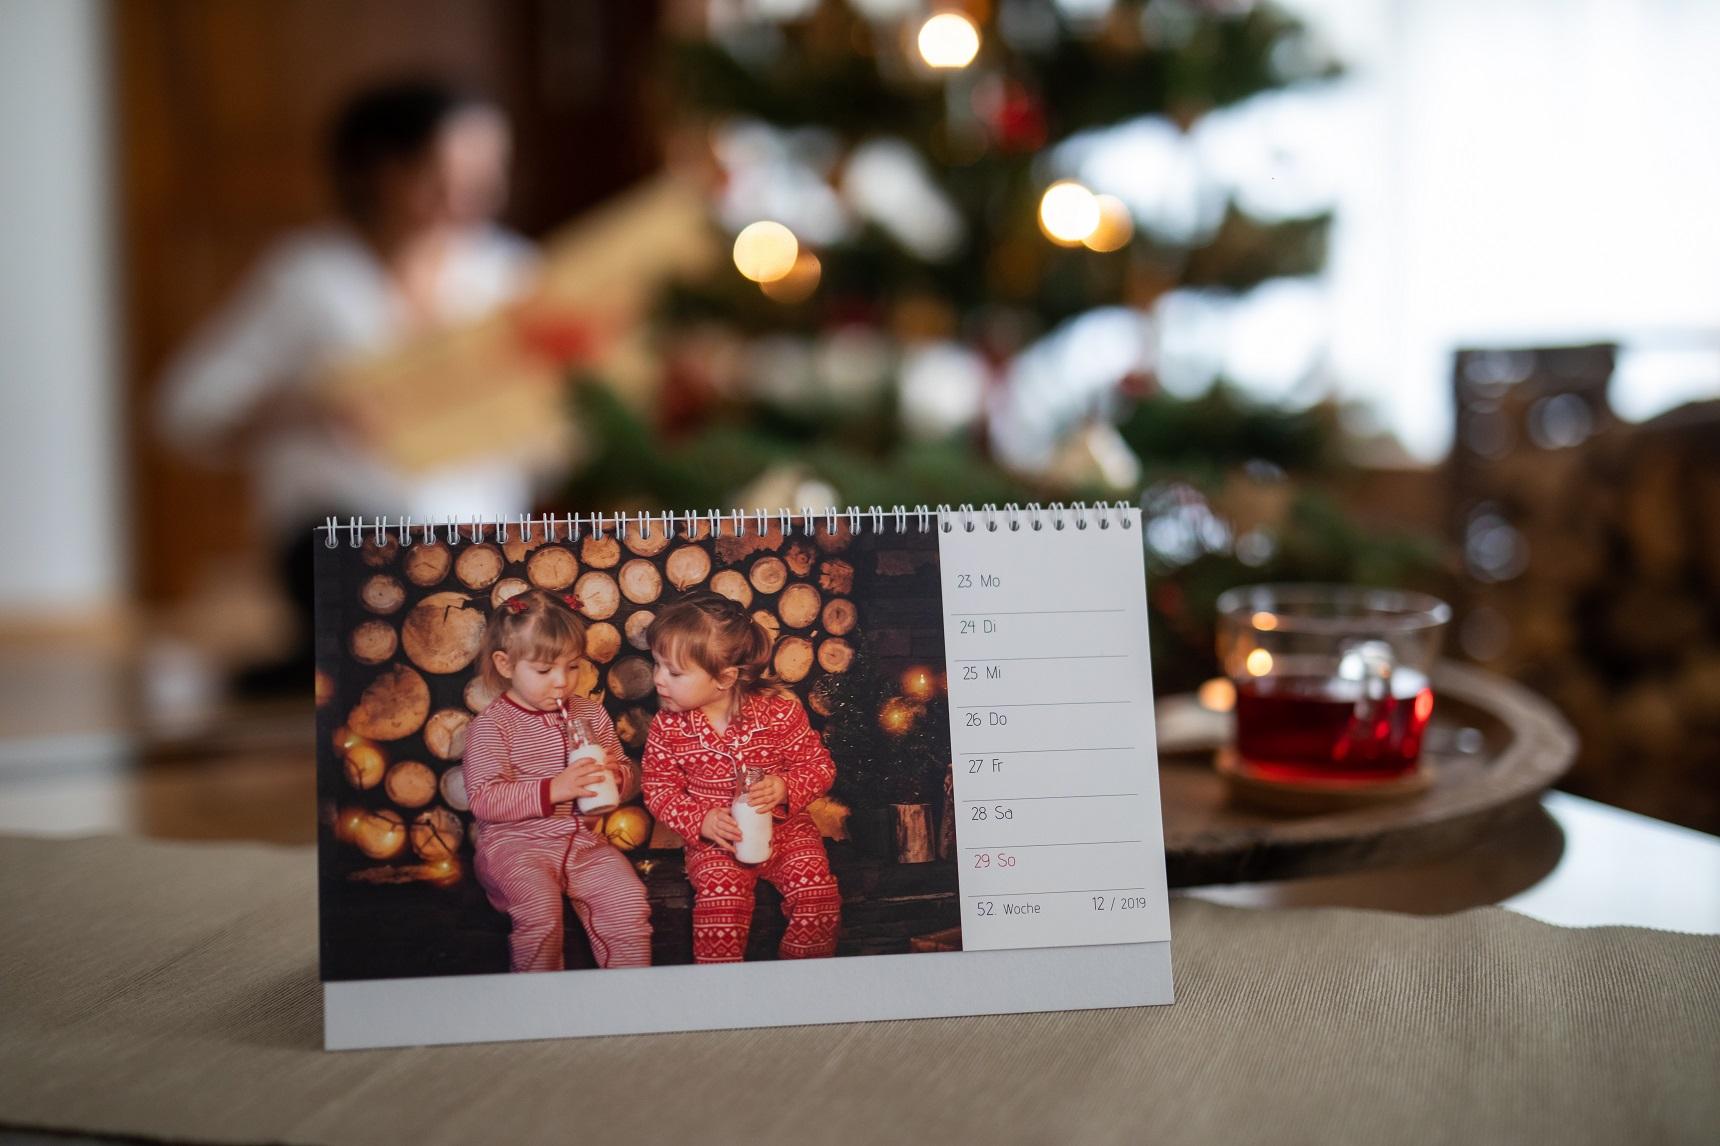 Bontia_Geschenk für Opa_Wochen-Tischkalender.jpg